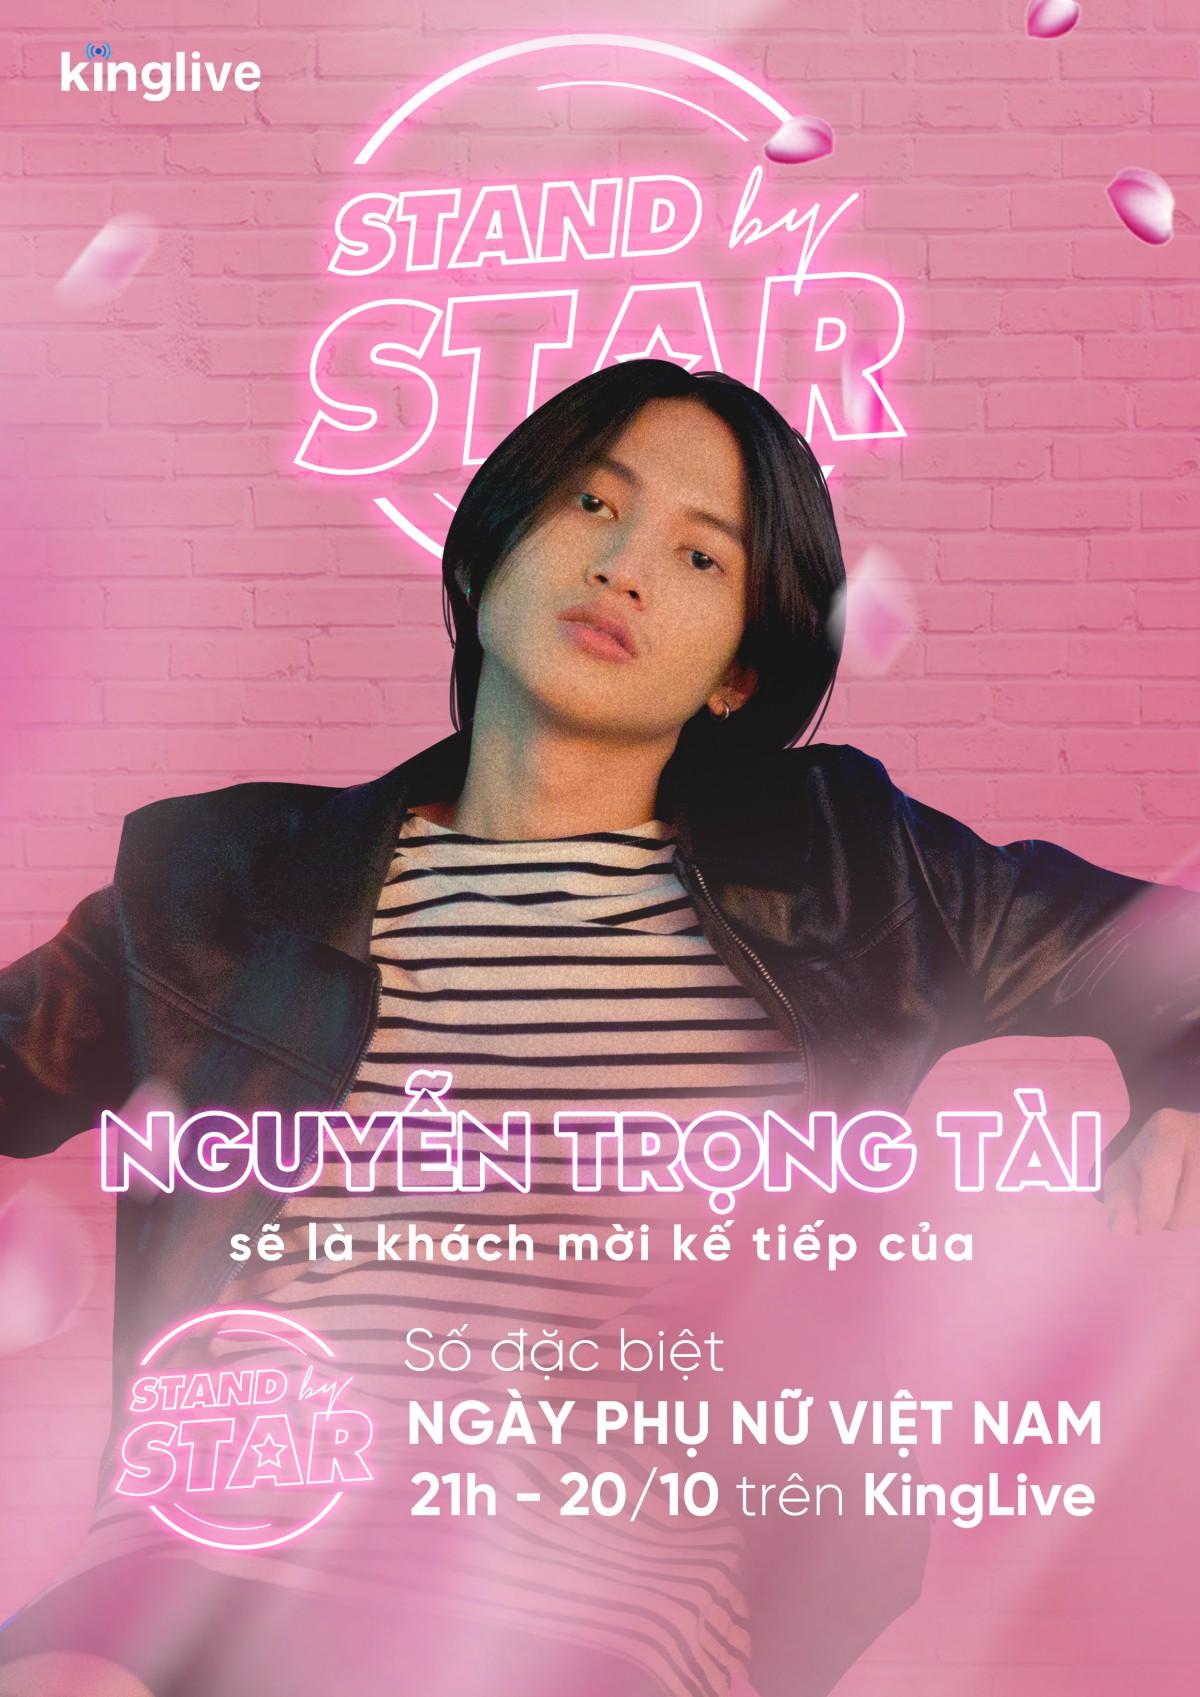 Dàn sao khủng Vbiz đổ bộ Stand By Star, hứa hẹn bùng nổ cảm xúc cùng ngày Phụ nữ Việt Nam 20/10 - Ảnh 10.